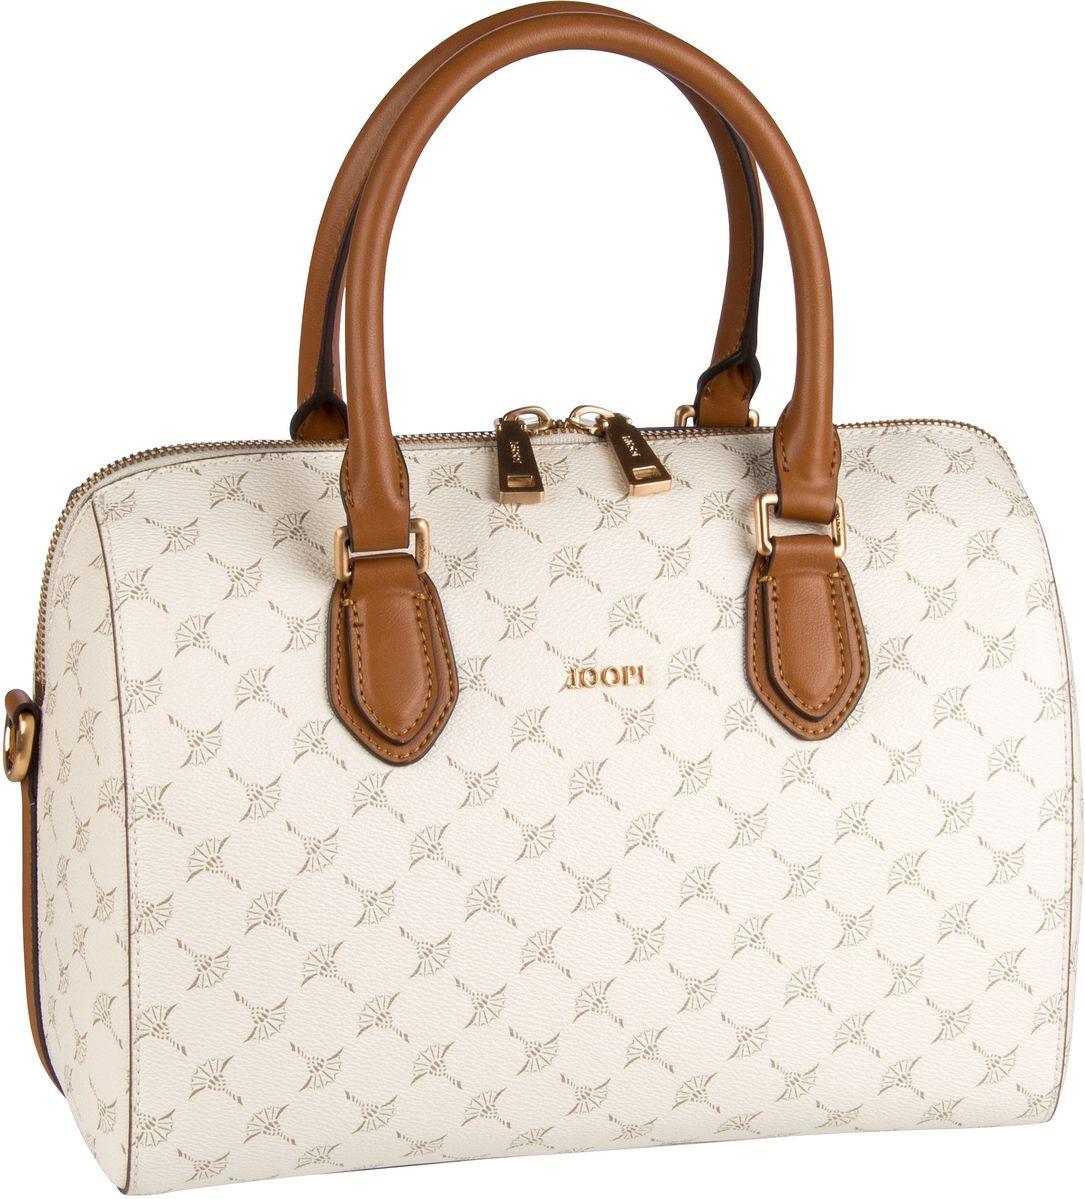 Handtasche Cortina Aurora HandBag SHZ Offwhite